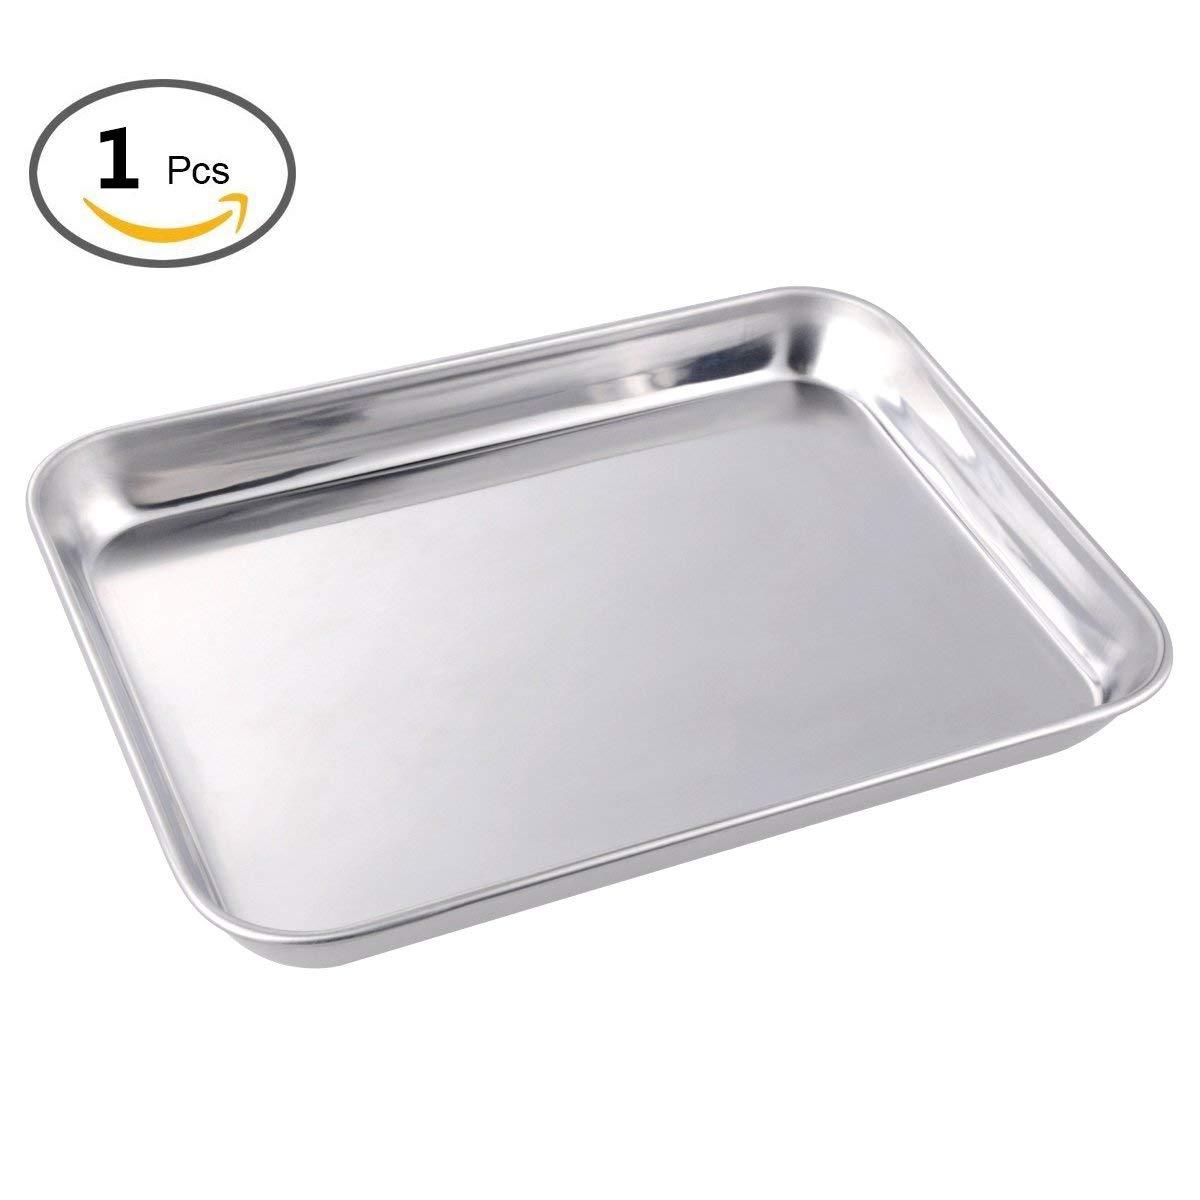 Cheap Baking Sheet Pan Sizes, find Baking Sheet Pan Sizes deals on